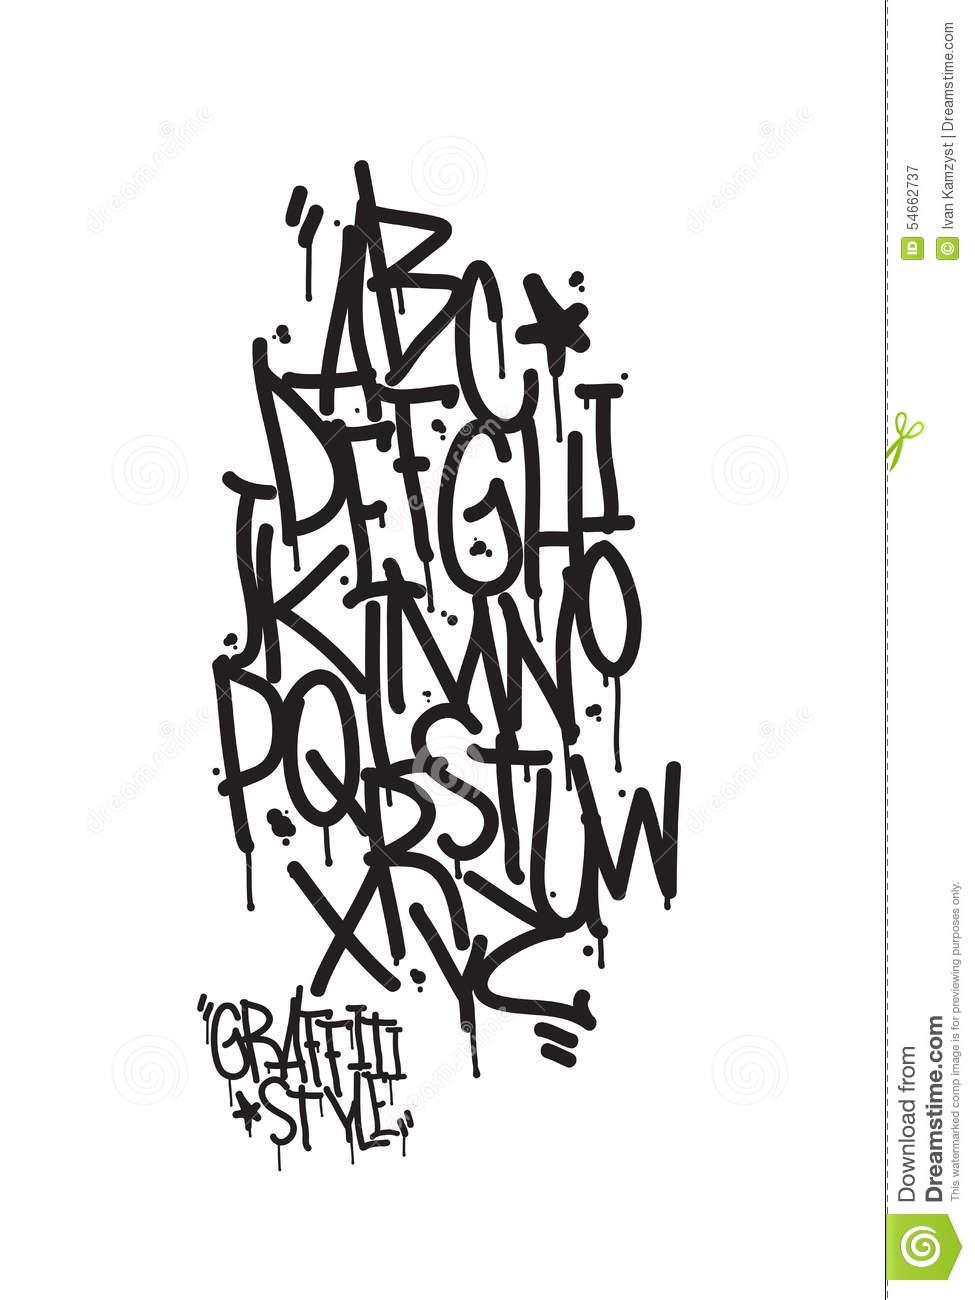 975x1300 Graffiti Websites To Draw Spray Can Graffiti Graffiti Sample